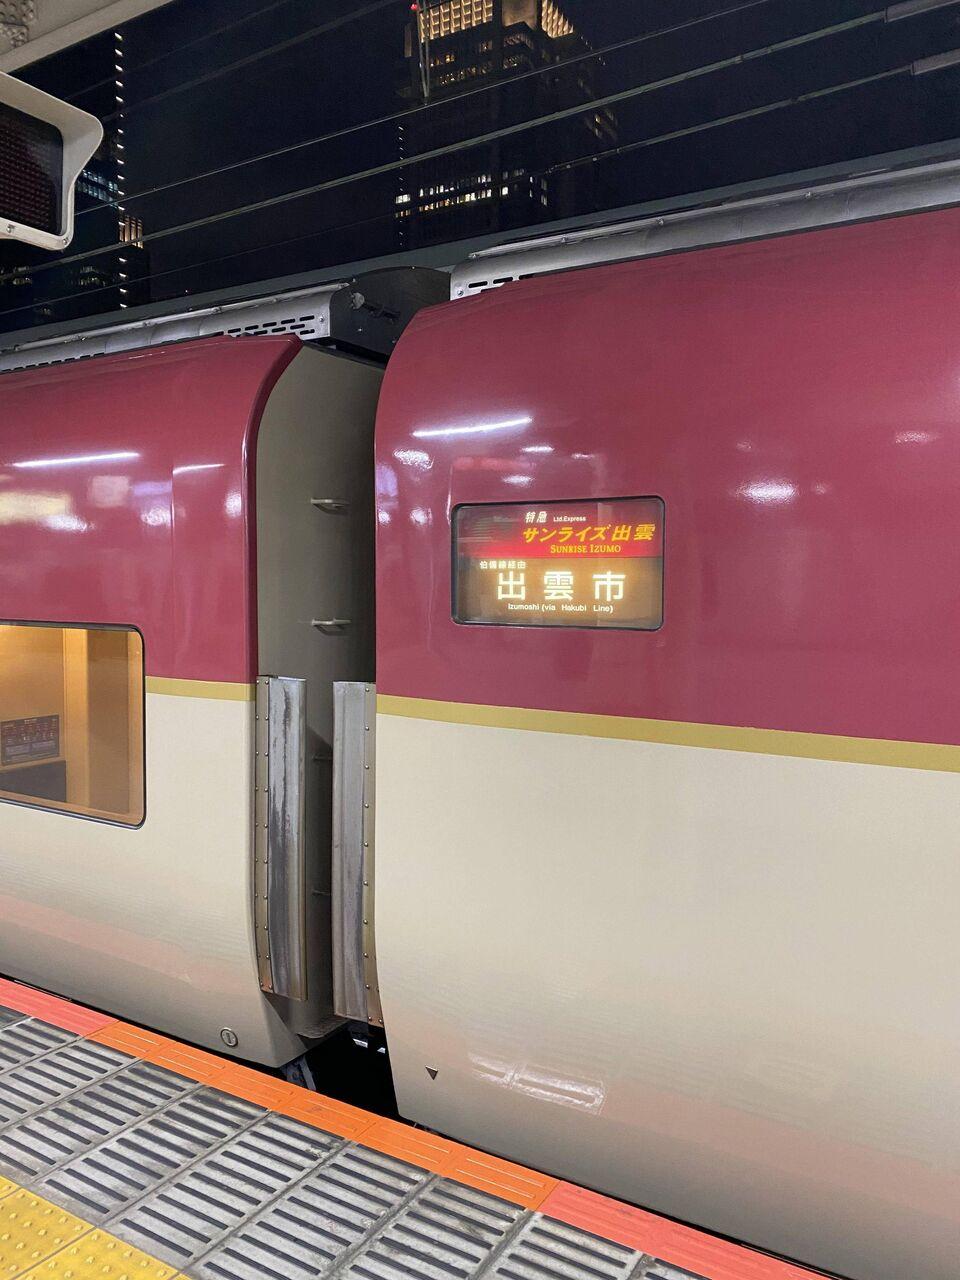 【画像】今寝台列車乗ってるけど質問ある?